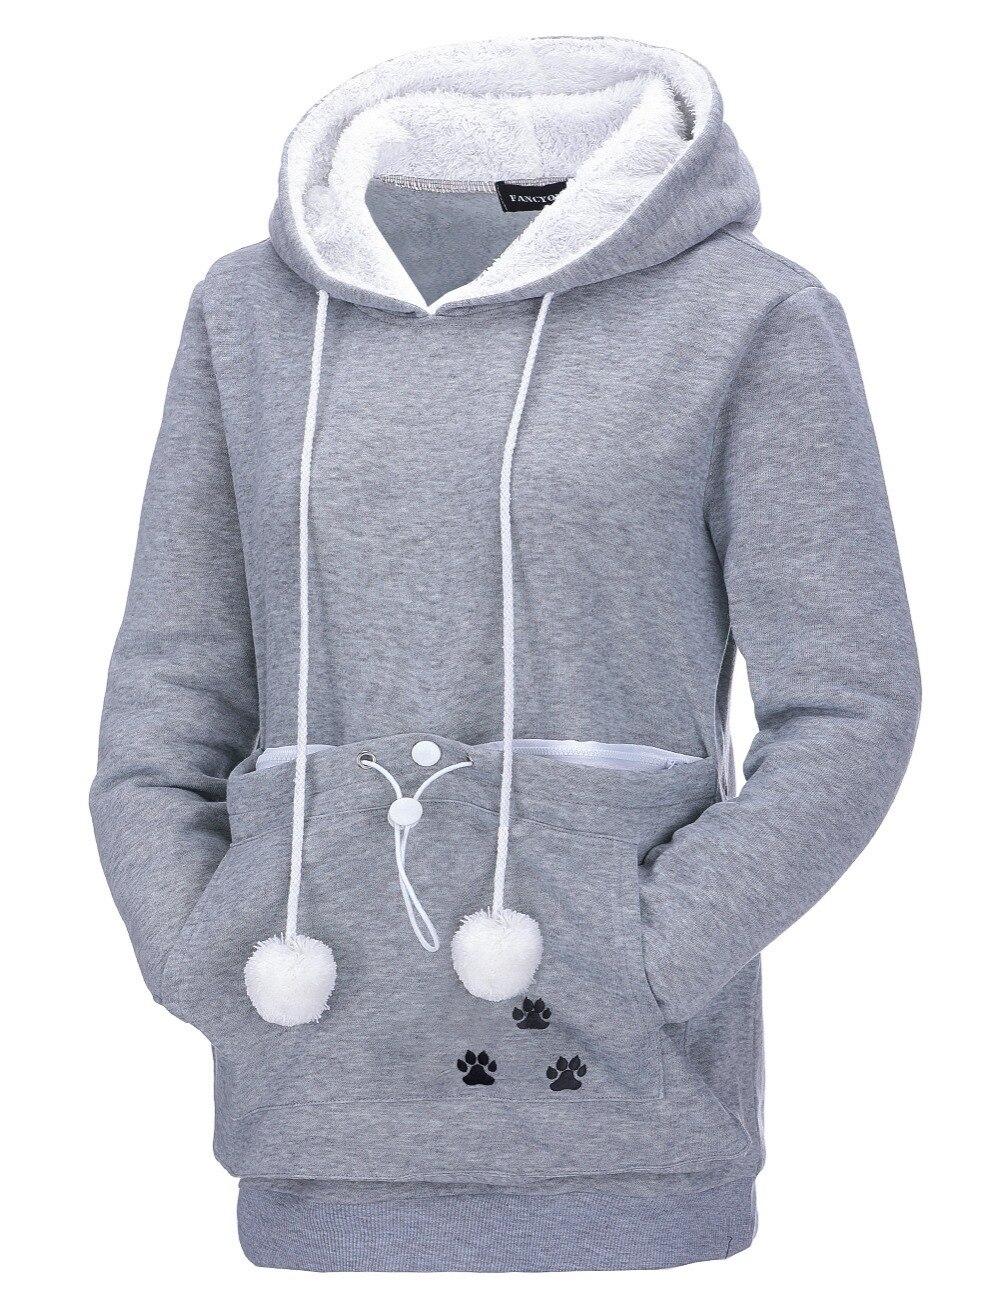 17 New Cartoon Hooded Hoodies Lover Cats Kangaroo Dog Hoodie Long Sleeve Sweatshirt Front Pocket Casual Animal Ear Hoodie 38